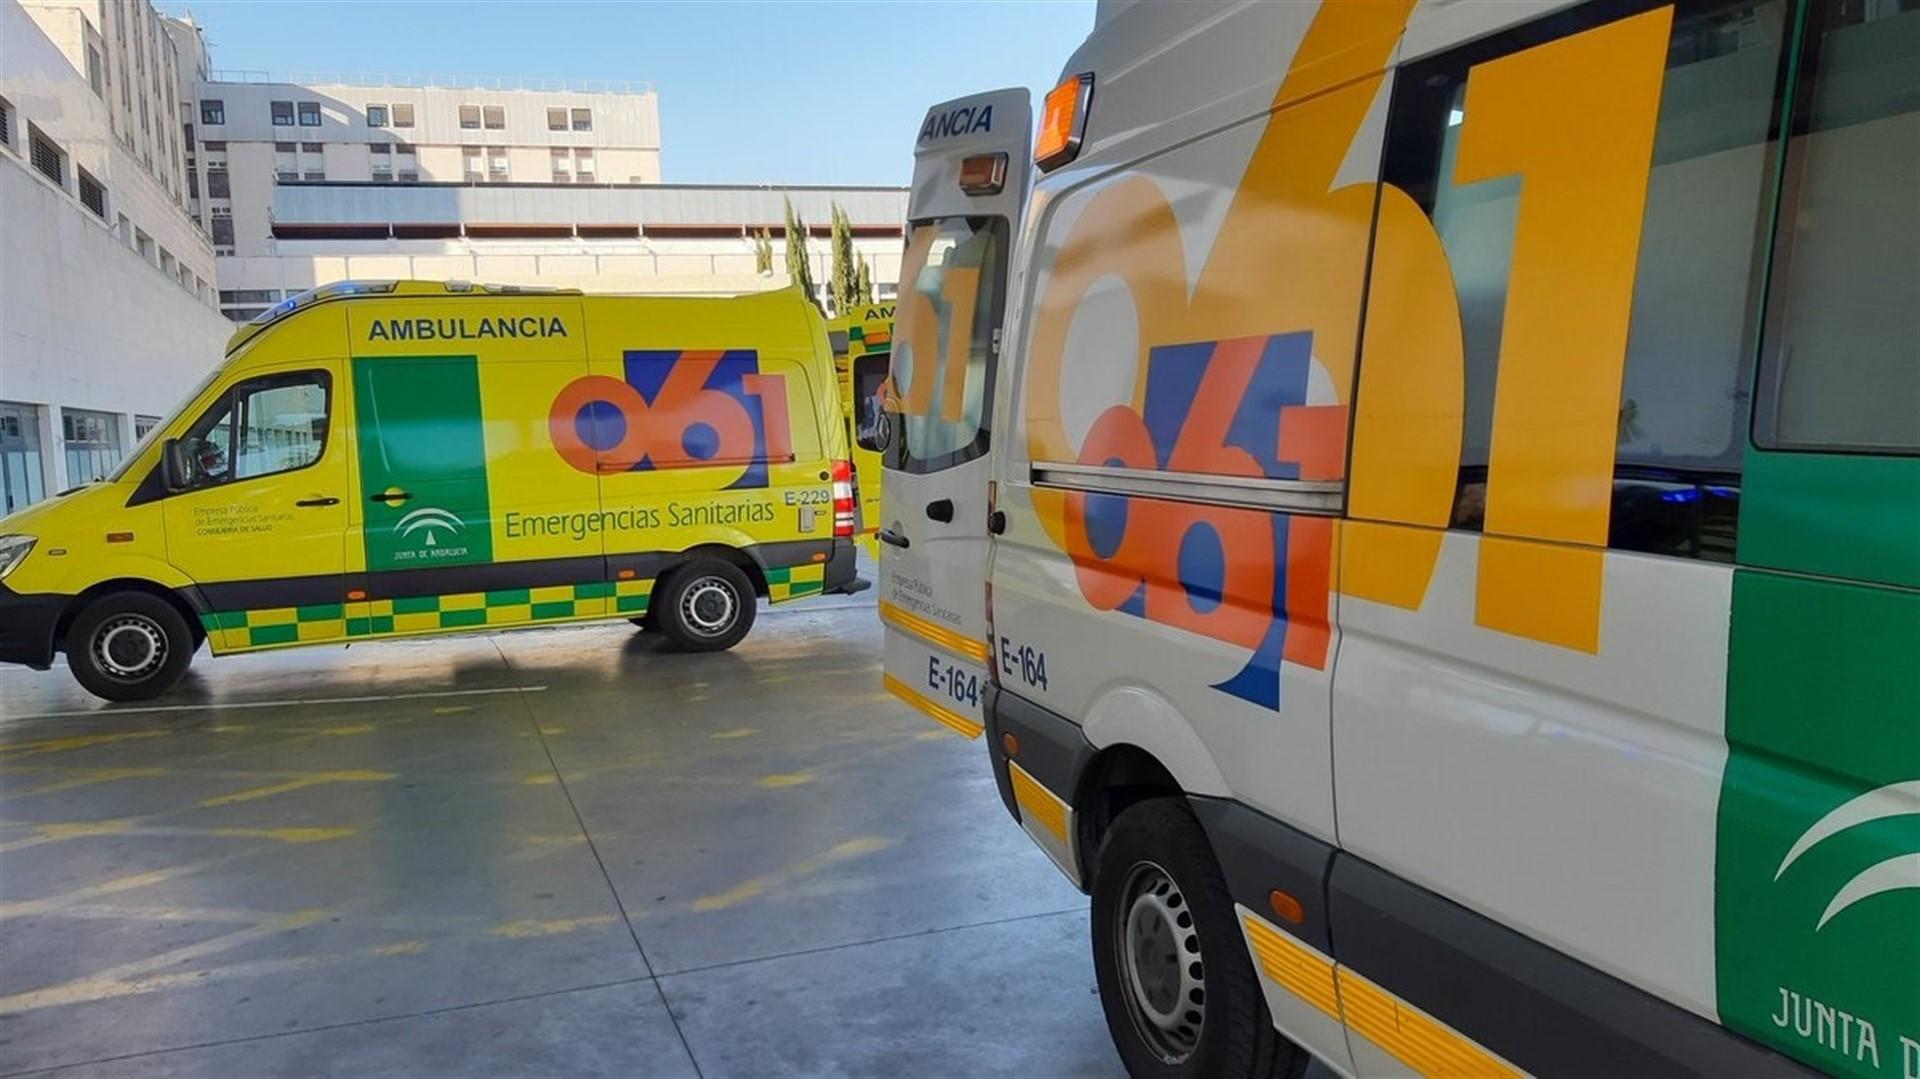 Las nuevas camillas de las ambulancias del 061 son inadecuadas y generan riesgo para los pacientes y trabajadores